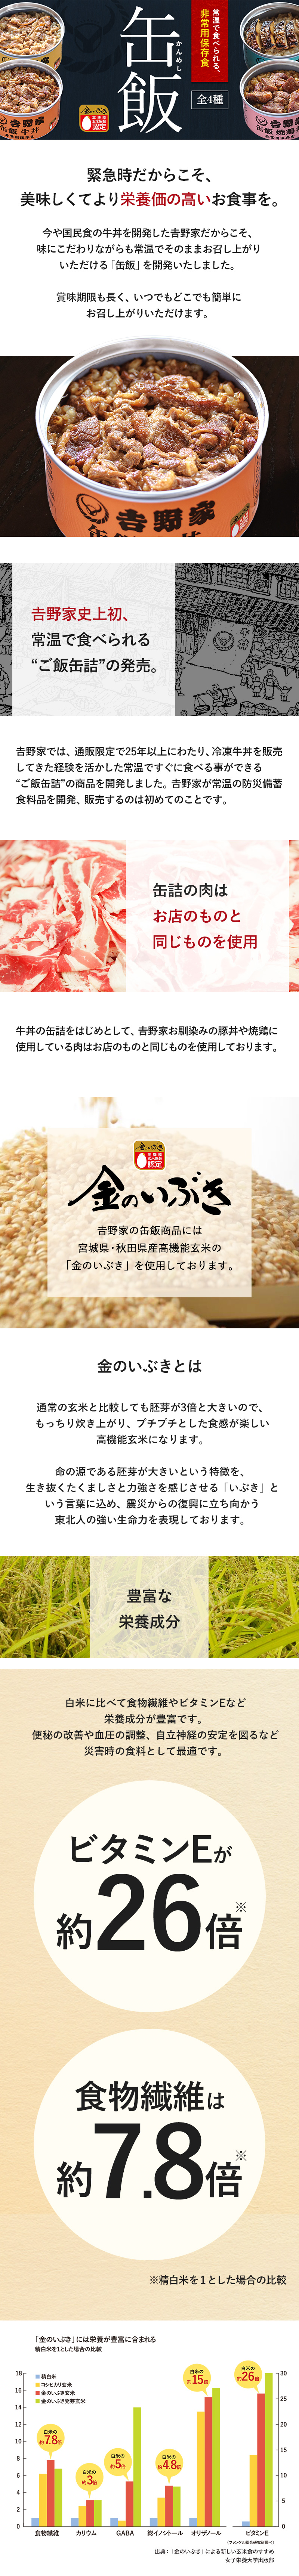 吉野家 缶飯牛丼6缶セット